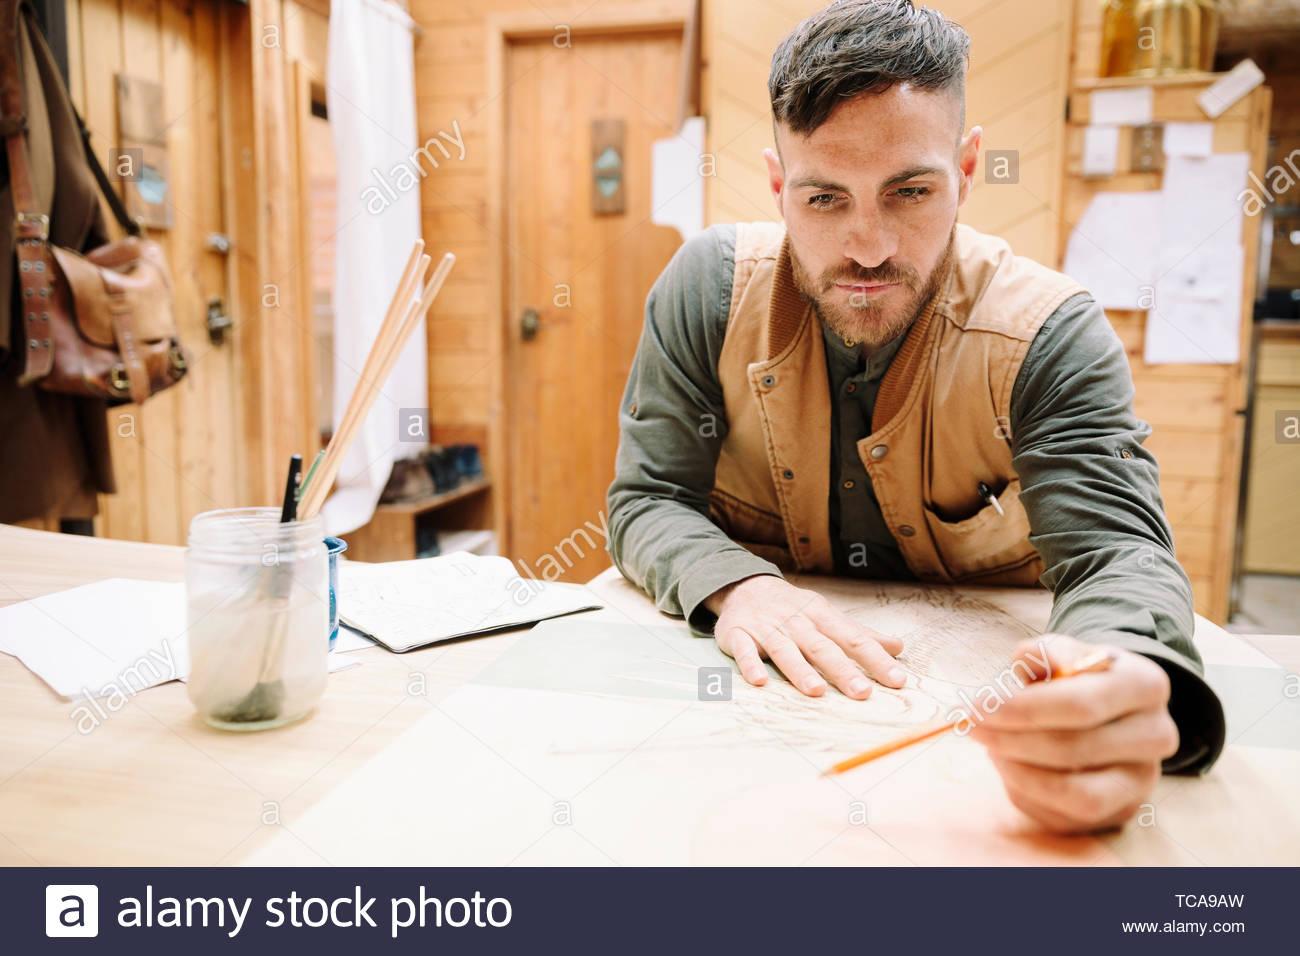 Fokussierte männliche Künstler Zeichnung am Tisch Stockbild